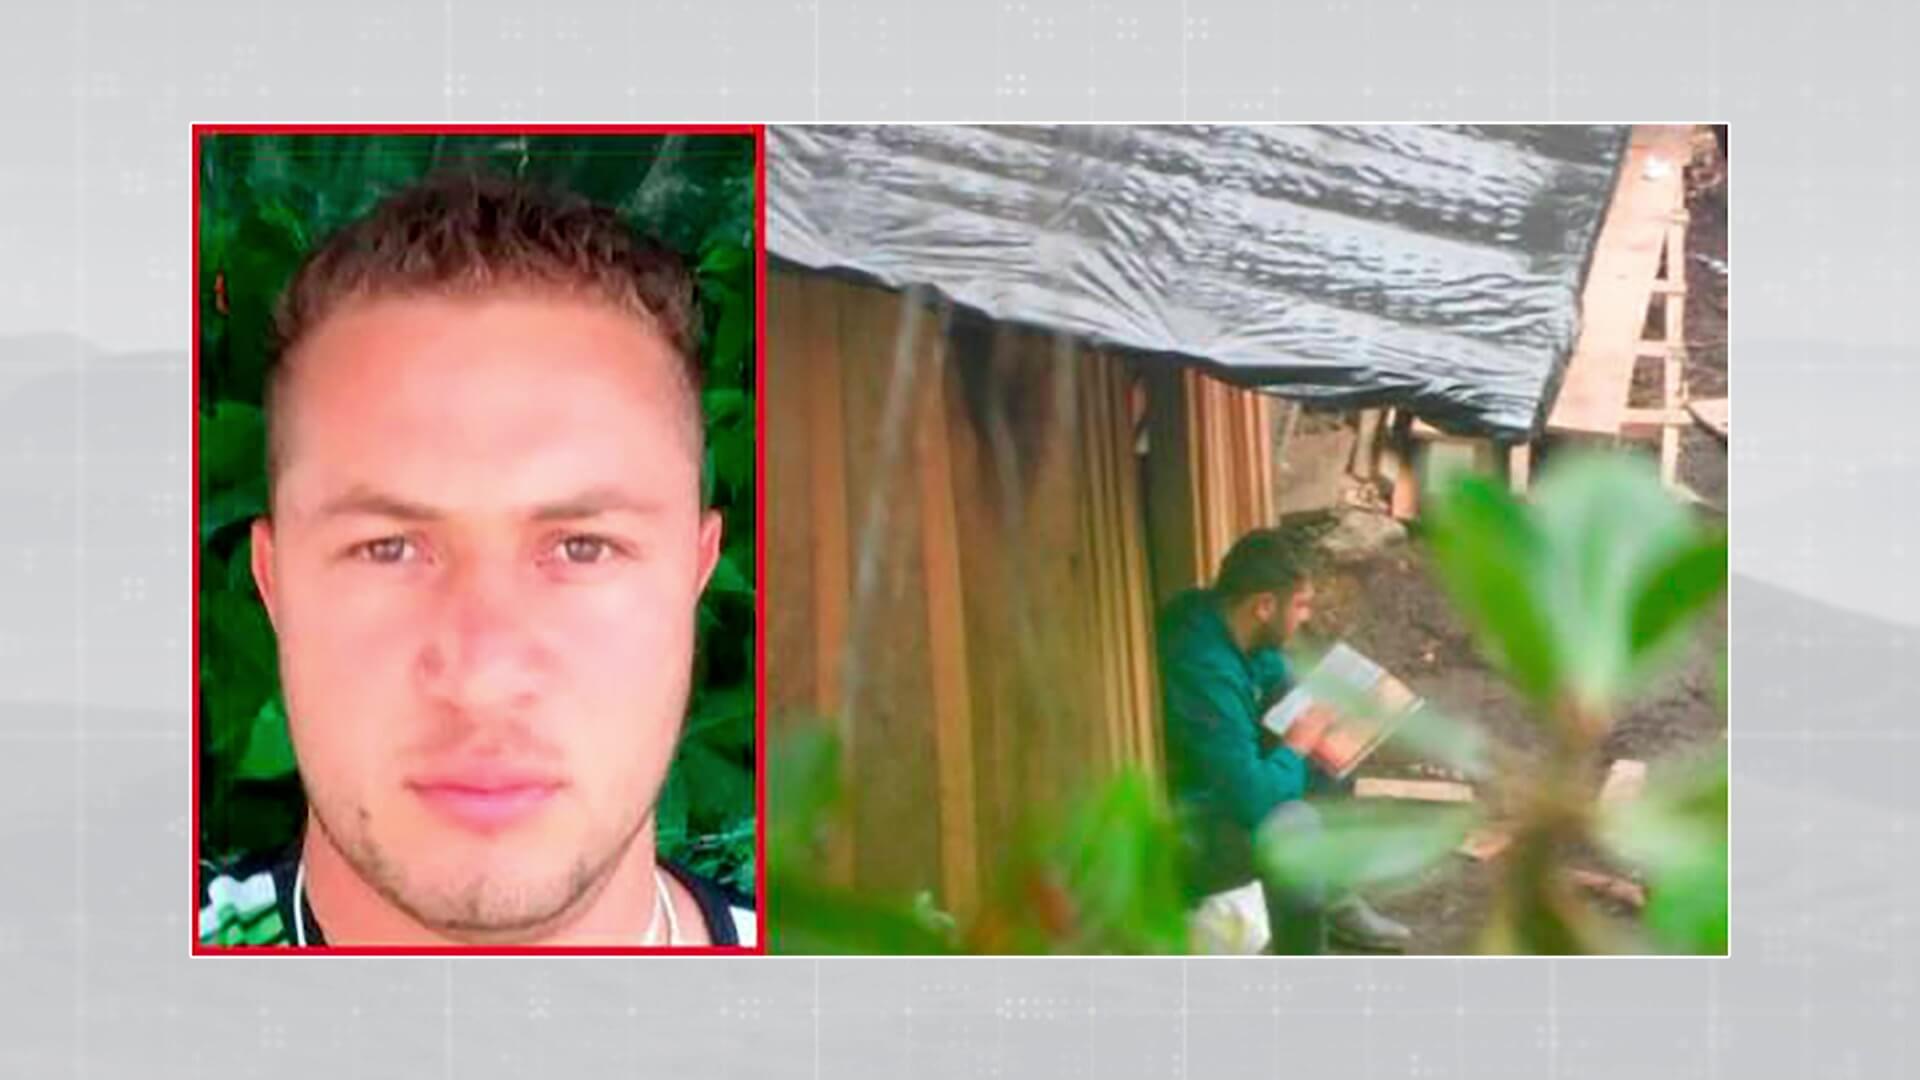 «Alias ´cabuyo´ estaría herido»: gobernador (e) de Antioquia